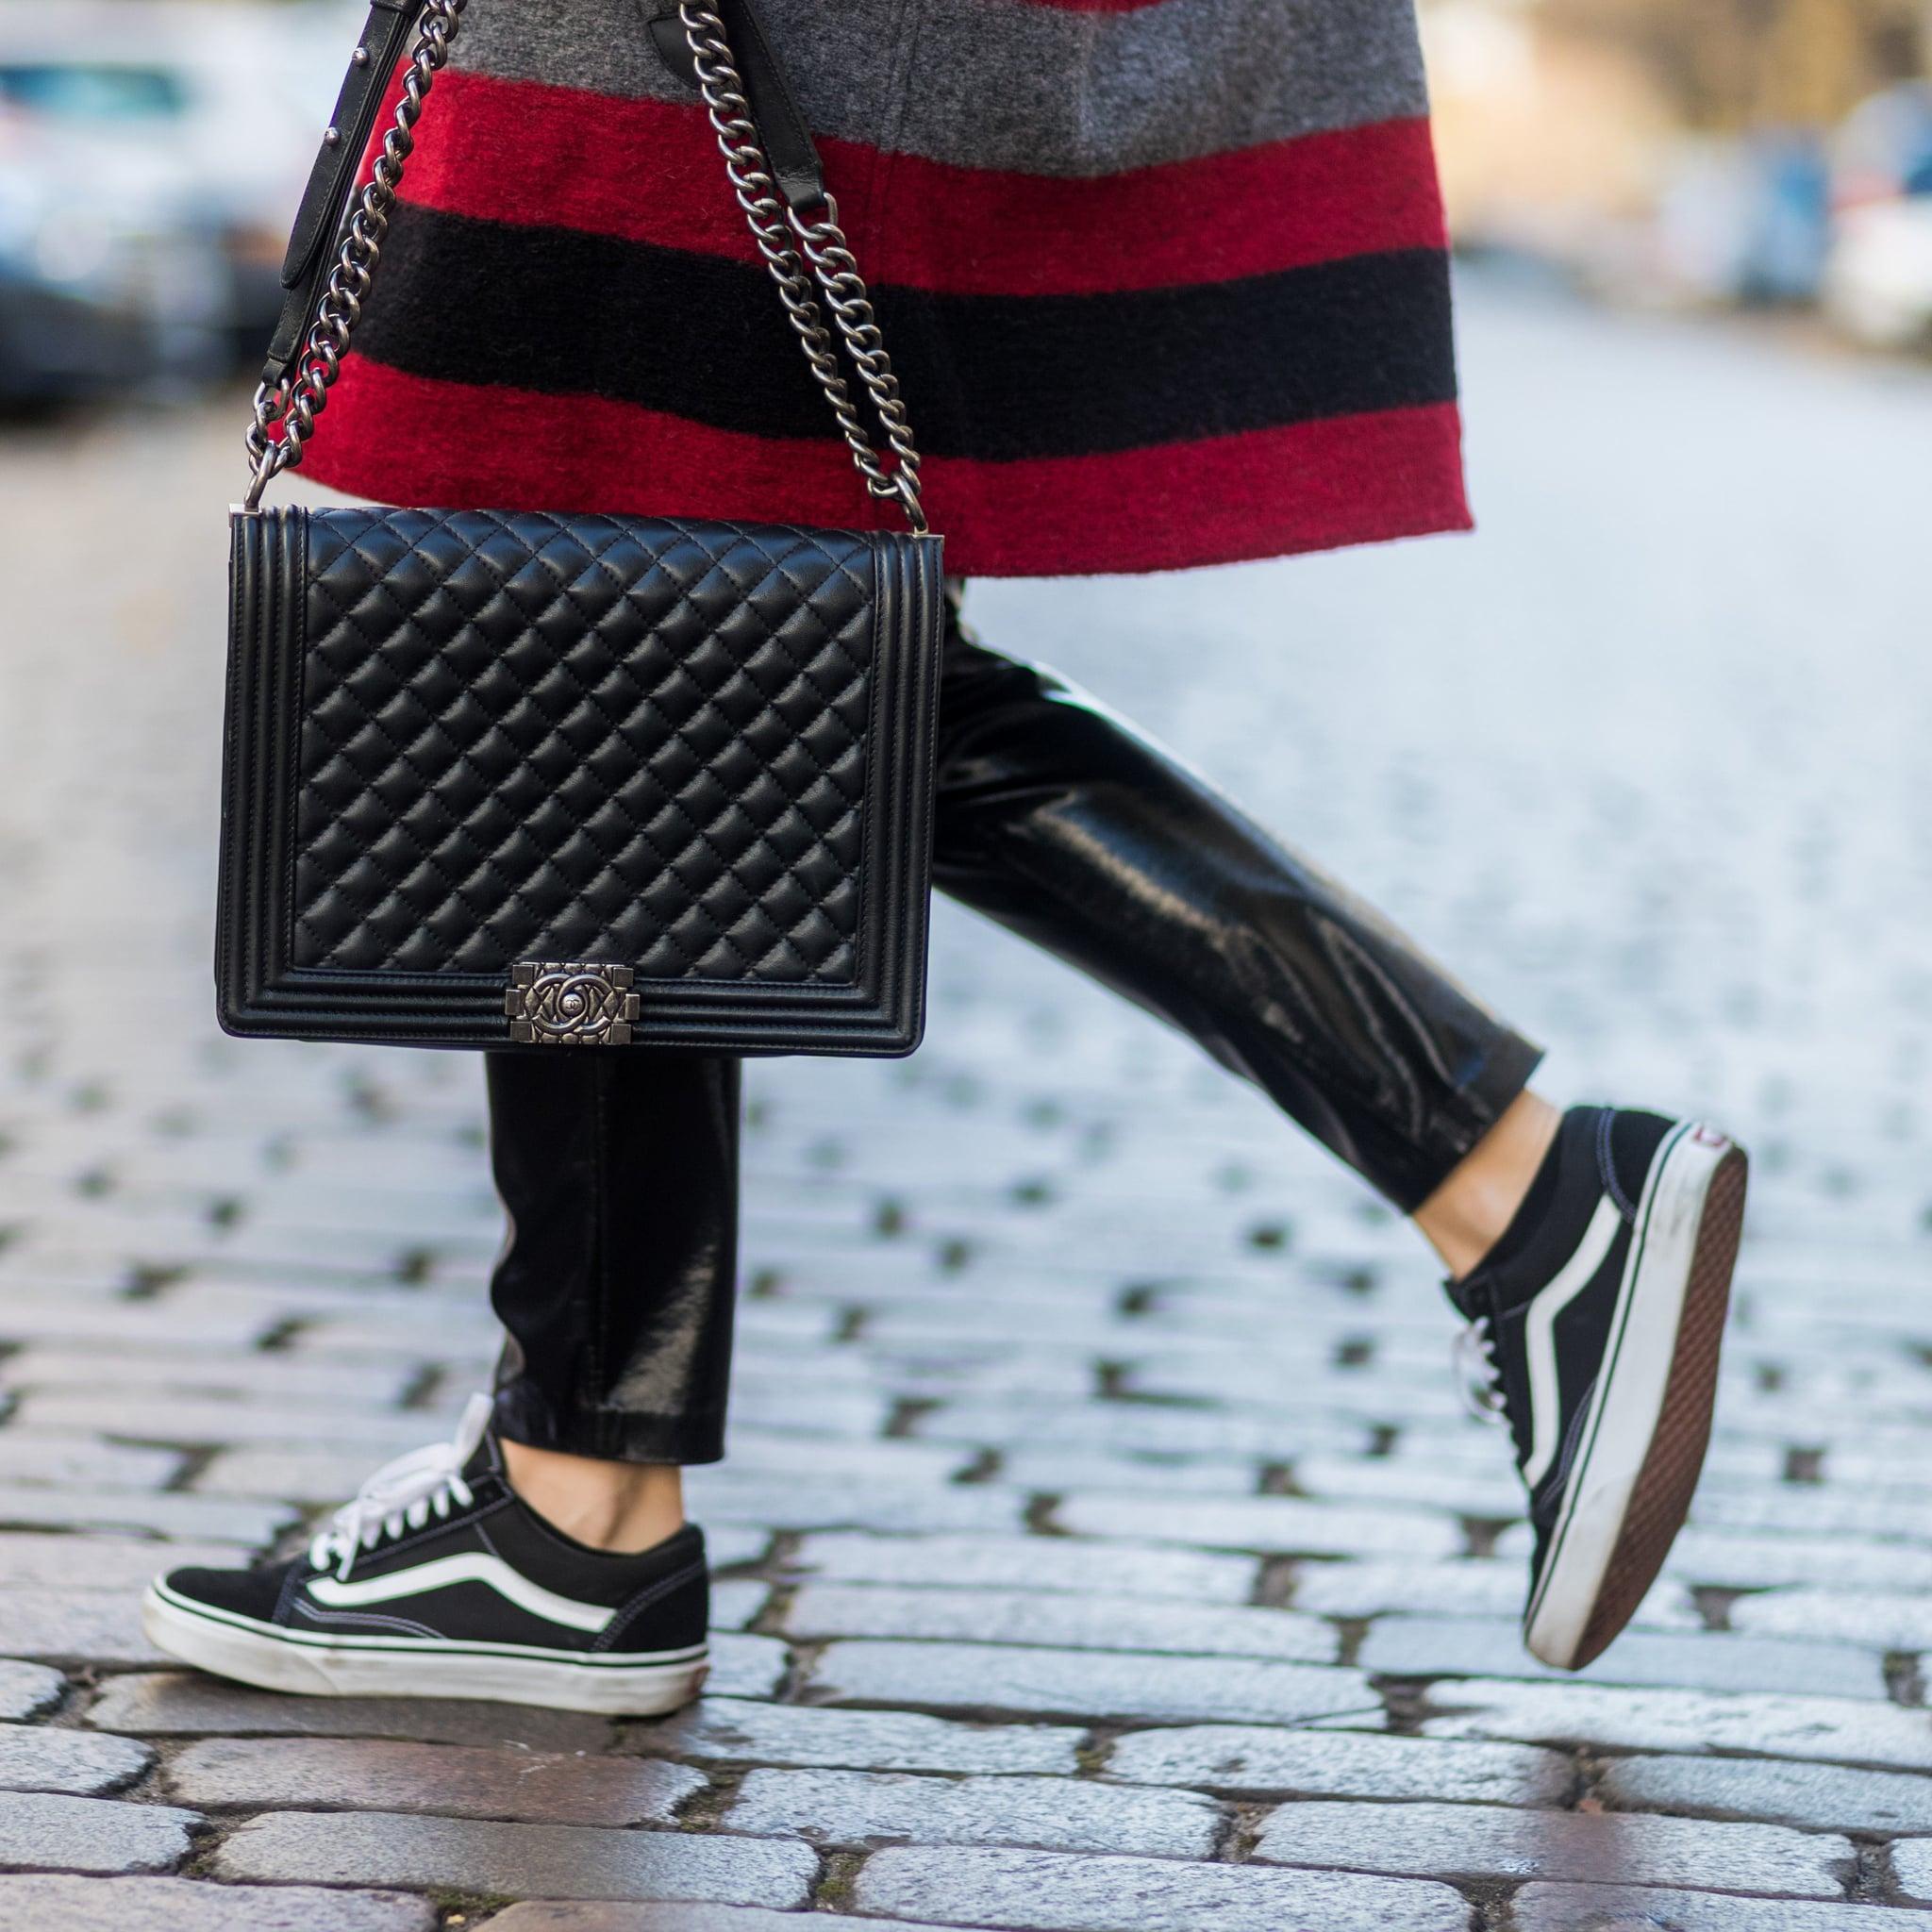 carrera calculadora Buen sentimiento  How to Wear Vans Sneakers | POPSUGAR Fashion Australia